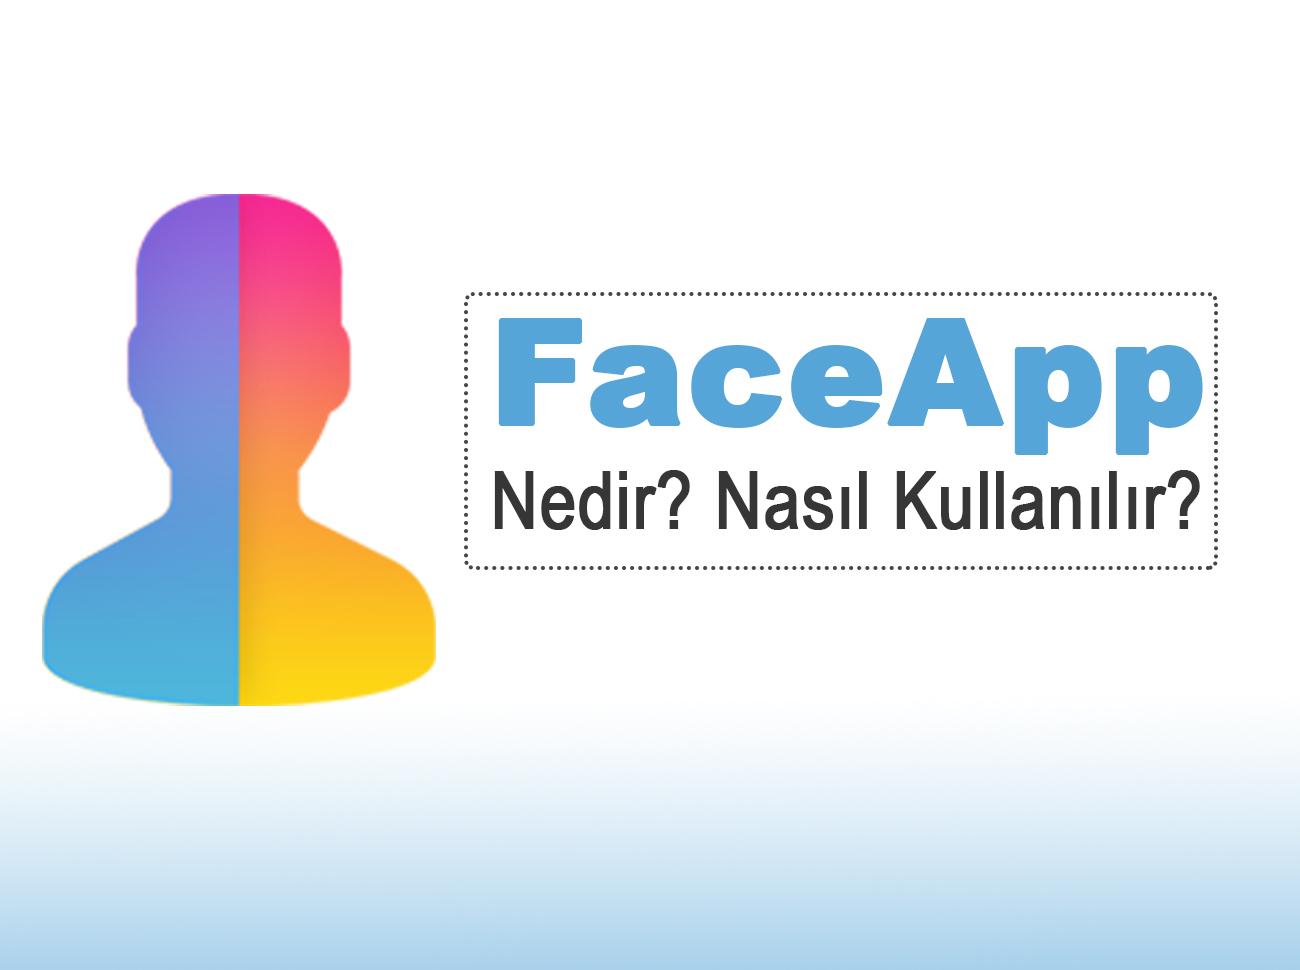 faceapp - photo #28